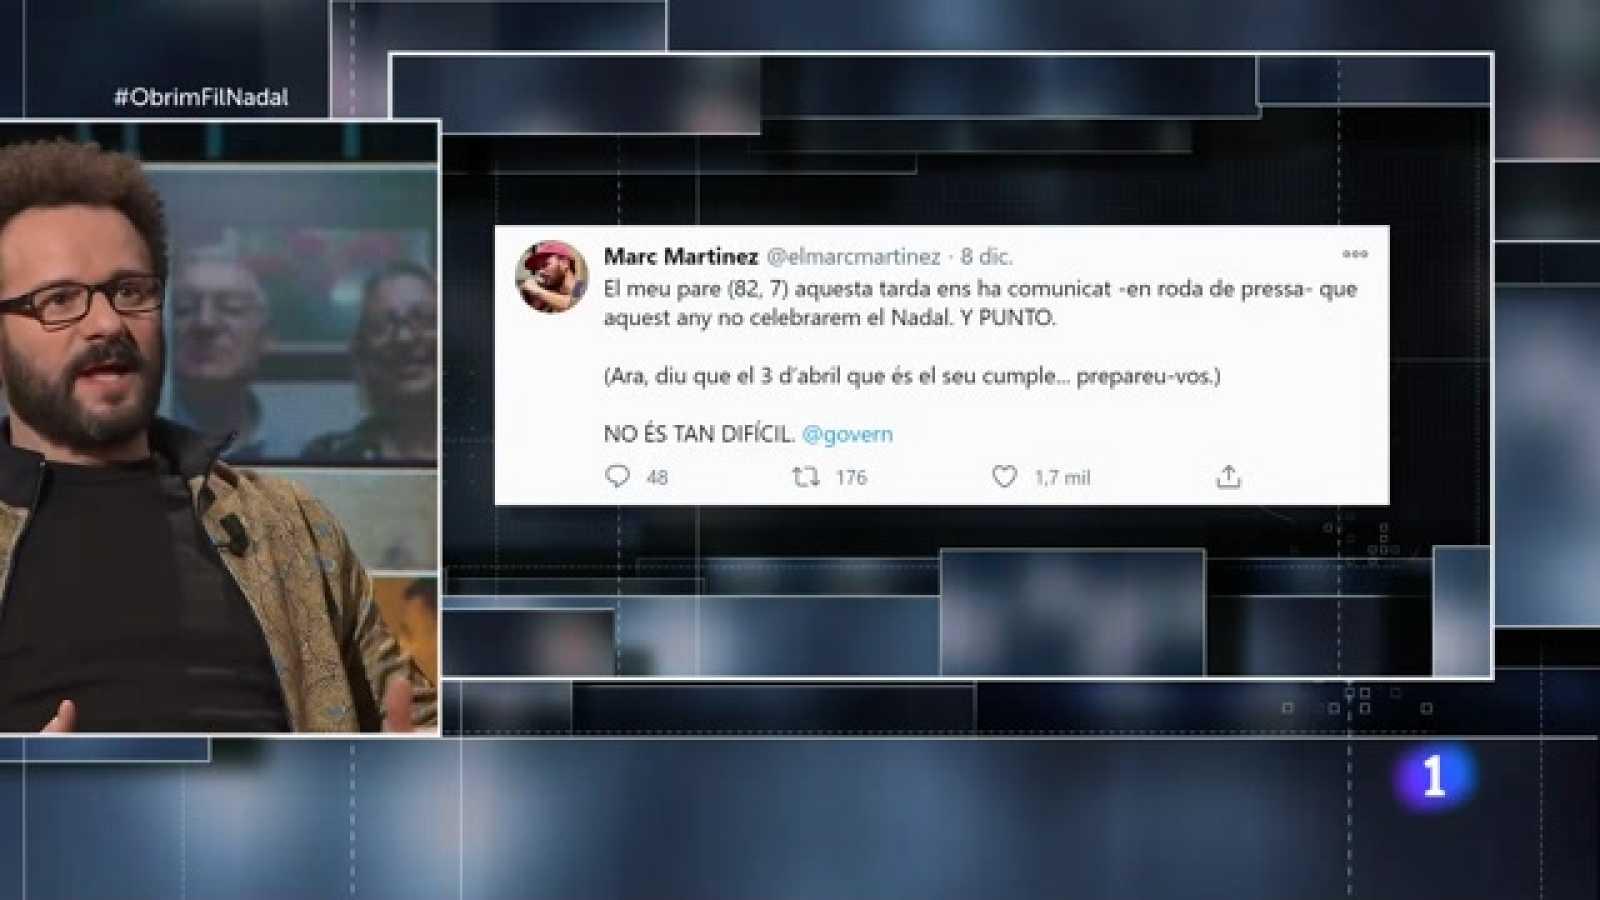 Obrim fil - L'actor Marc Martínez, sense Nadal en família